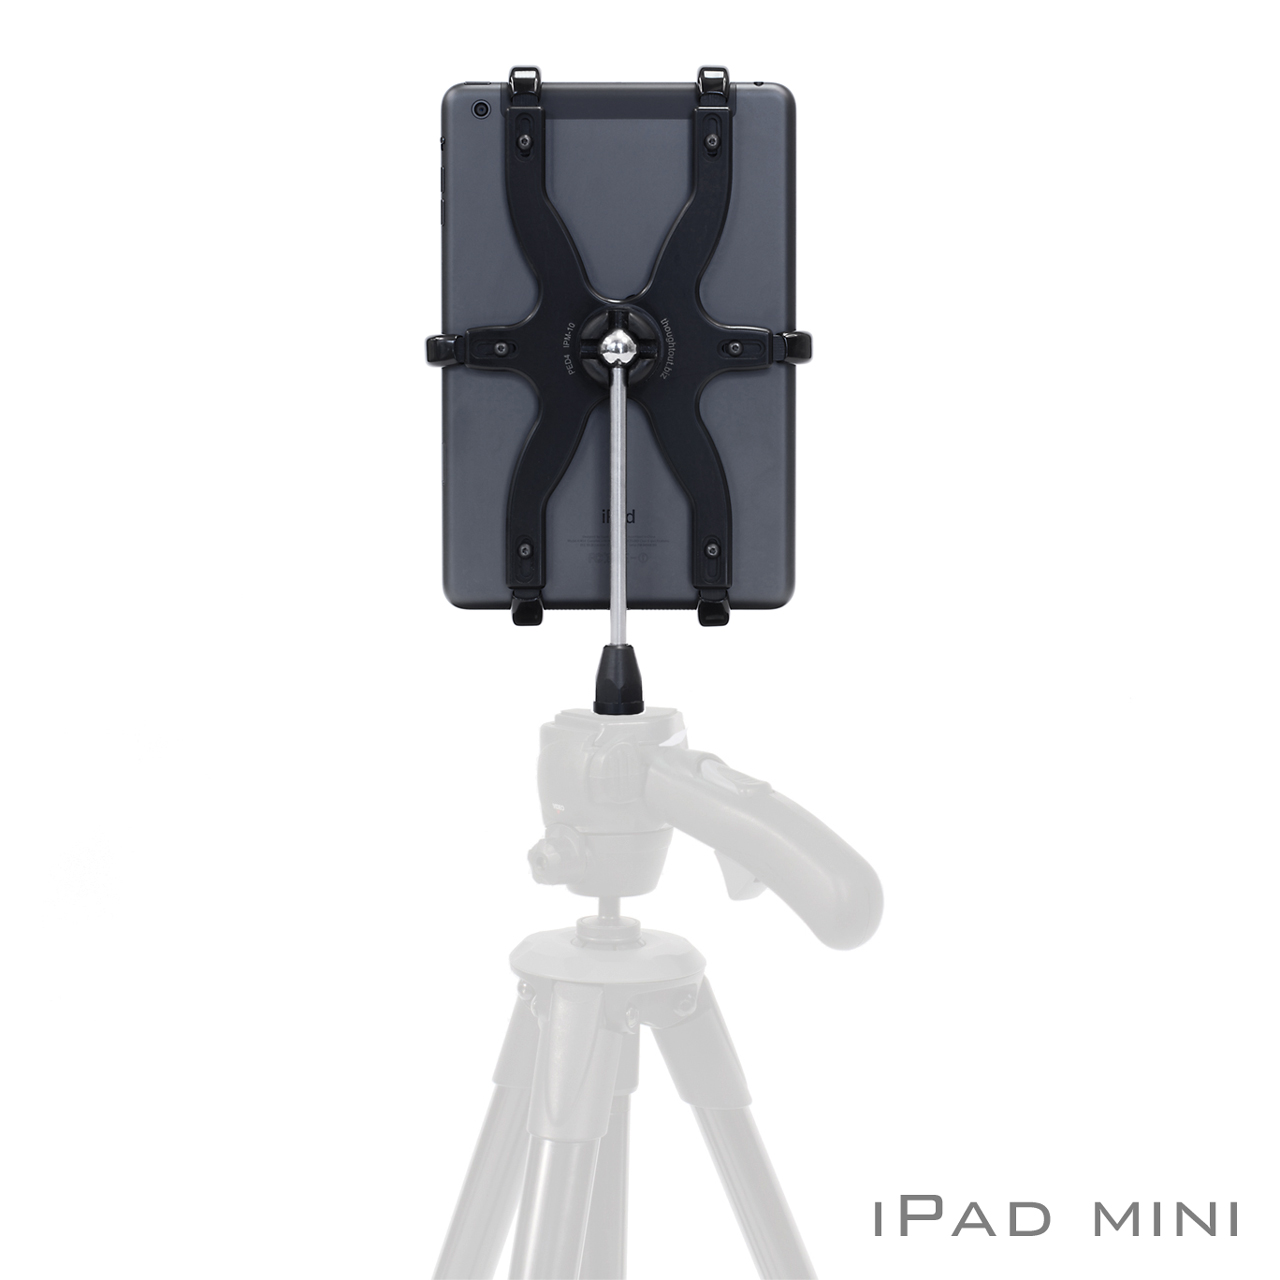 PED4 IPM10 iPad mini Tripod Mount